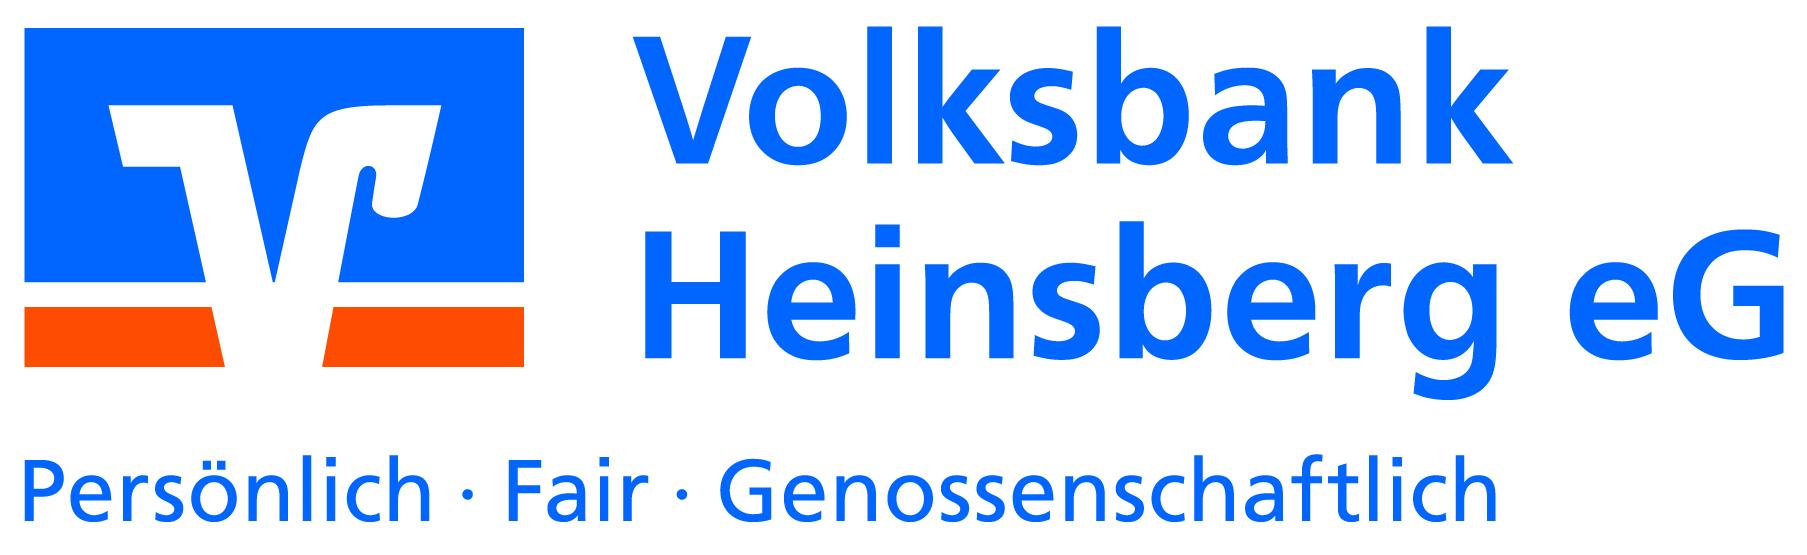 Volksbank heinsberg eg